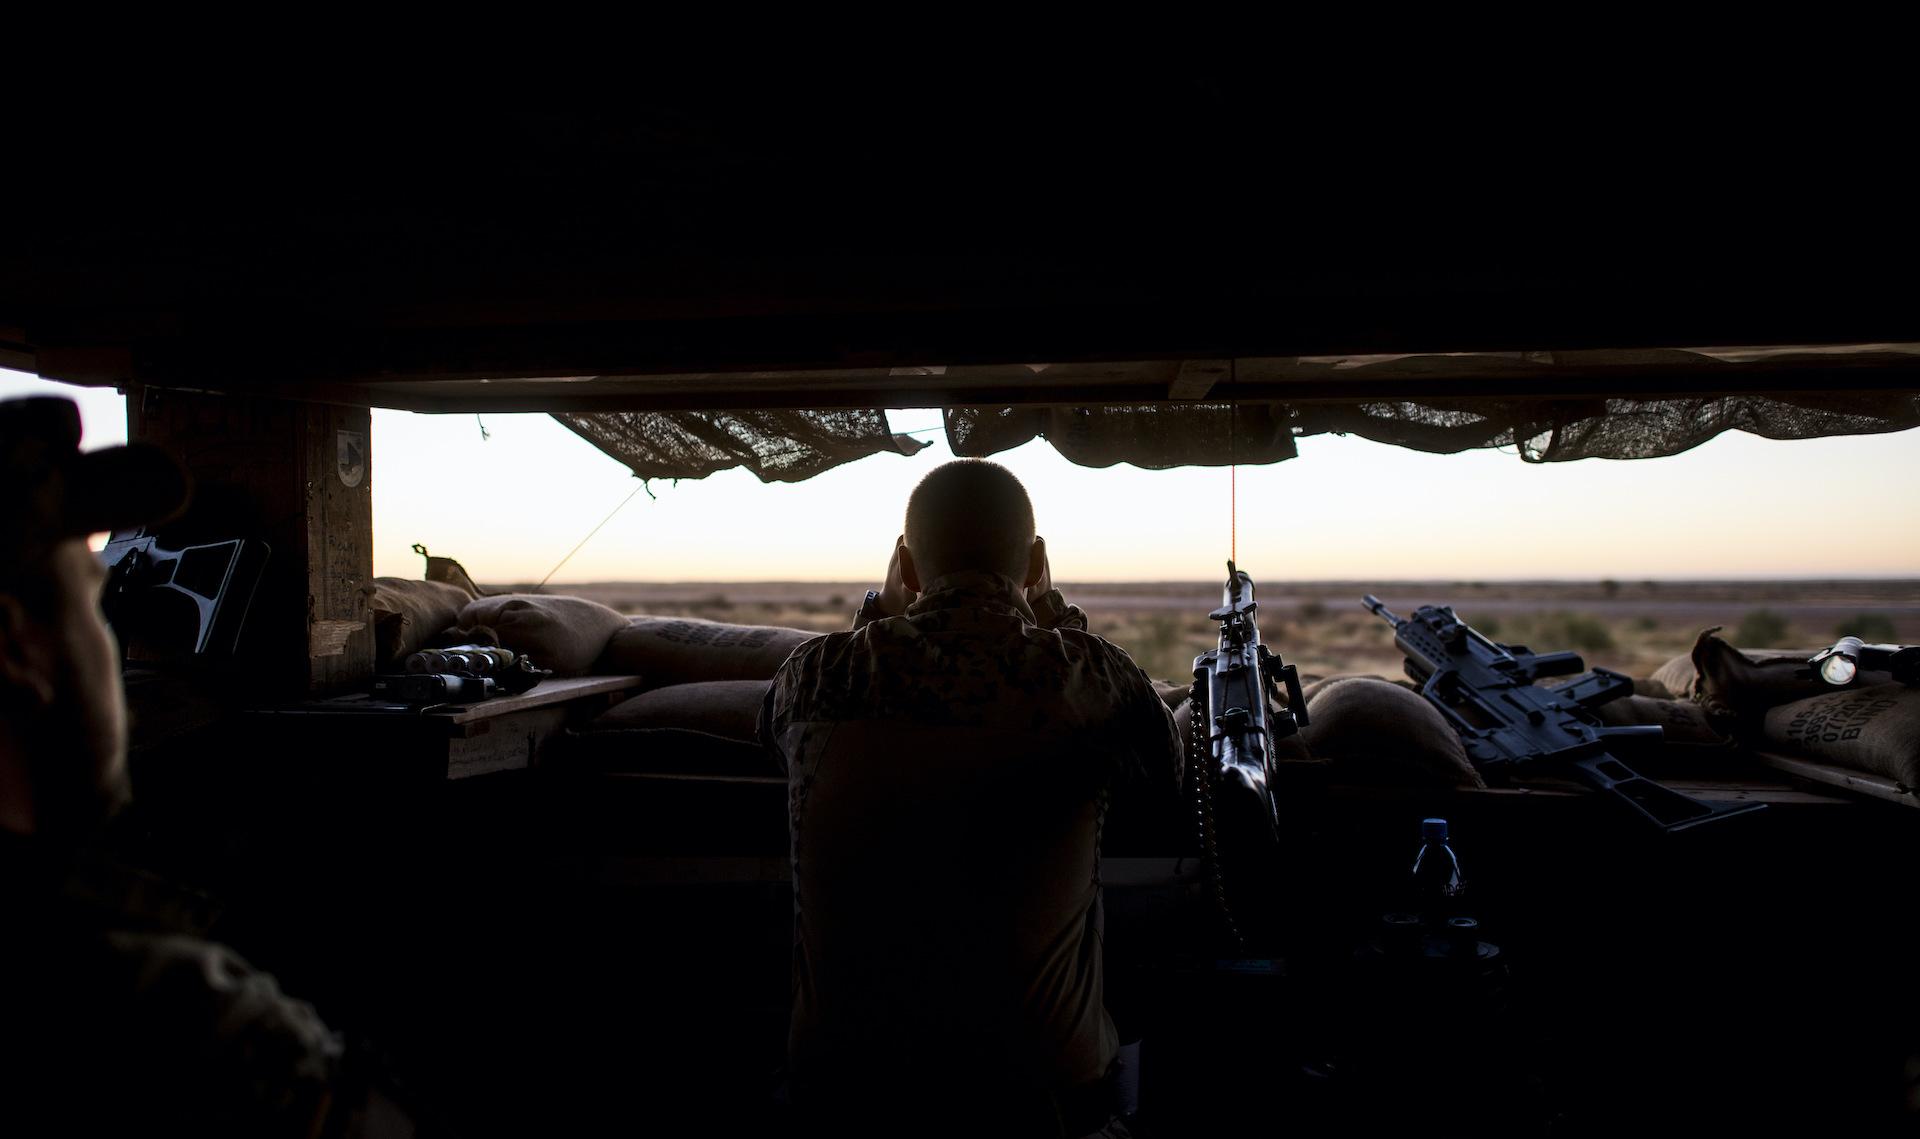 Operazione Minusma nel Mali